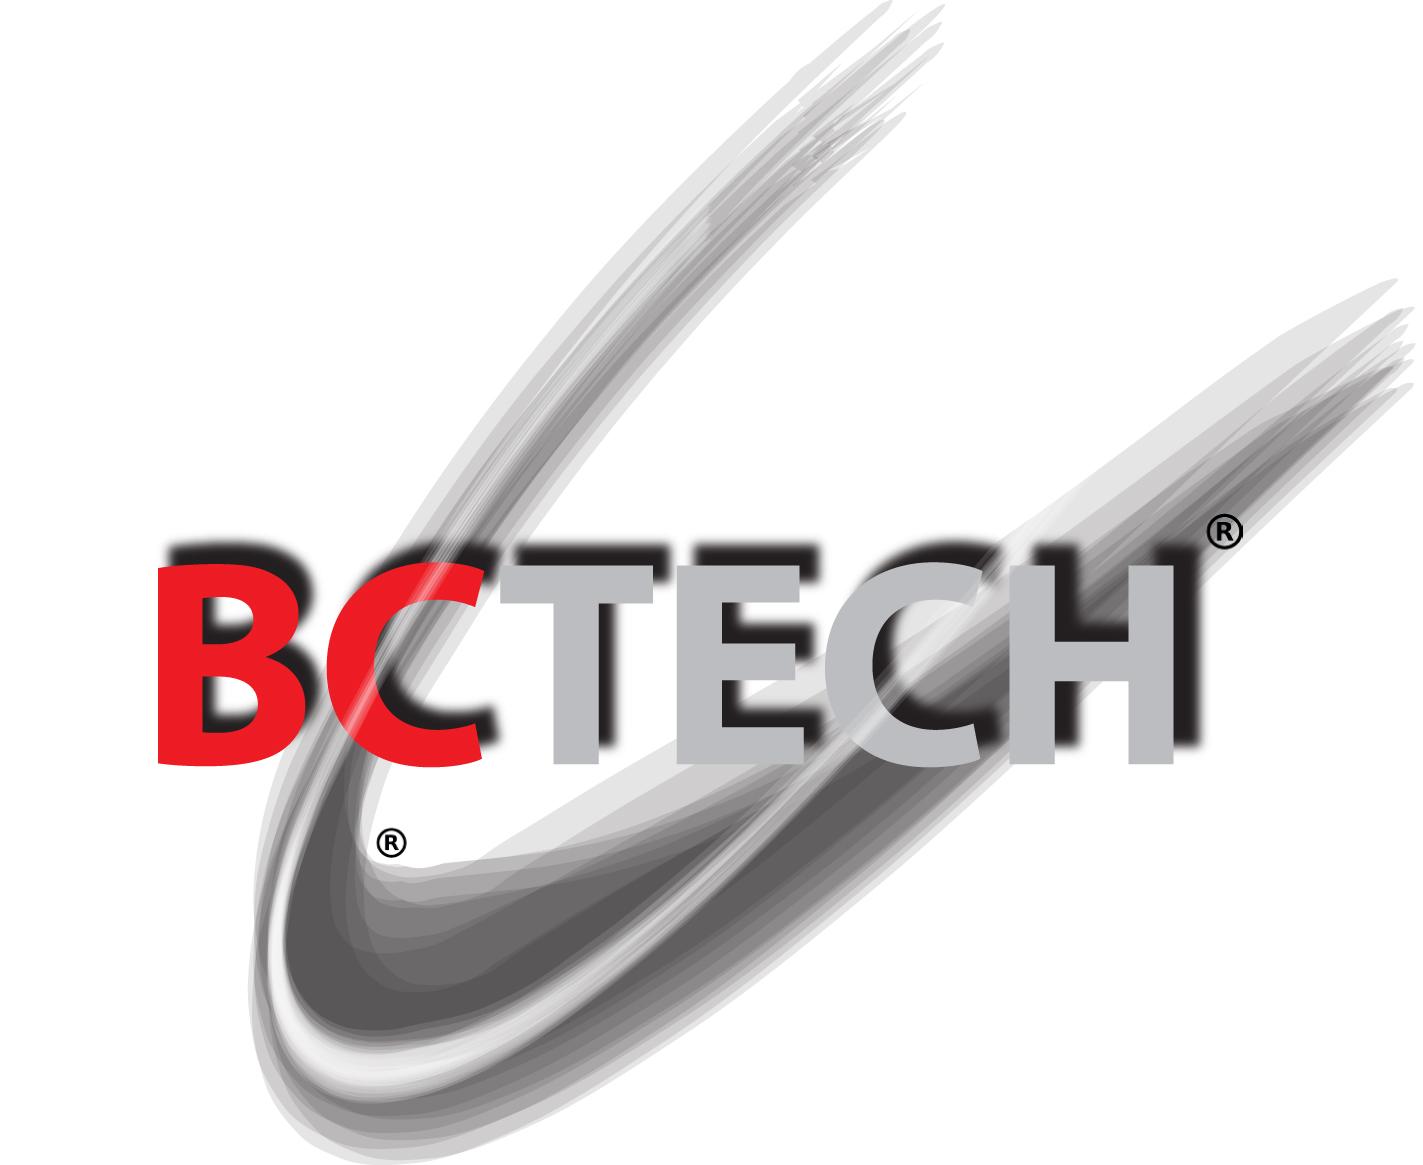 BcTech Company Warsaw